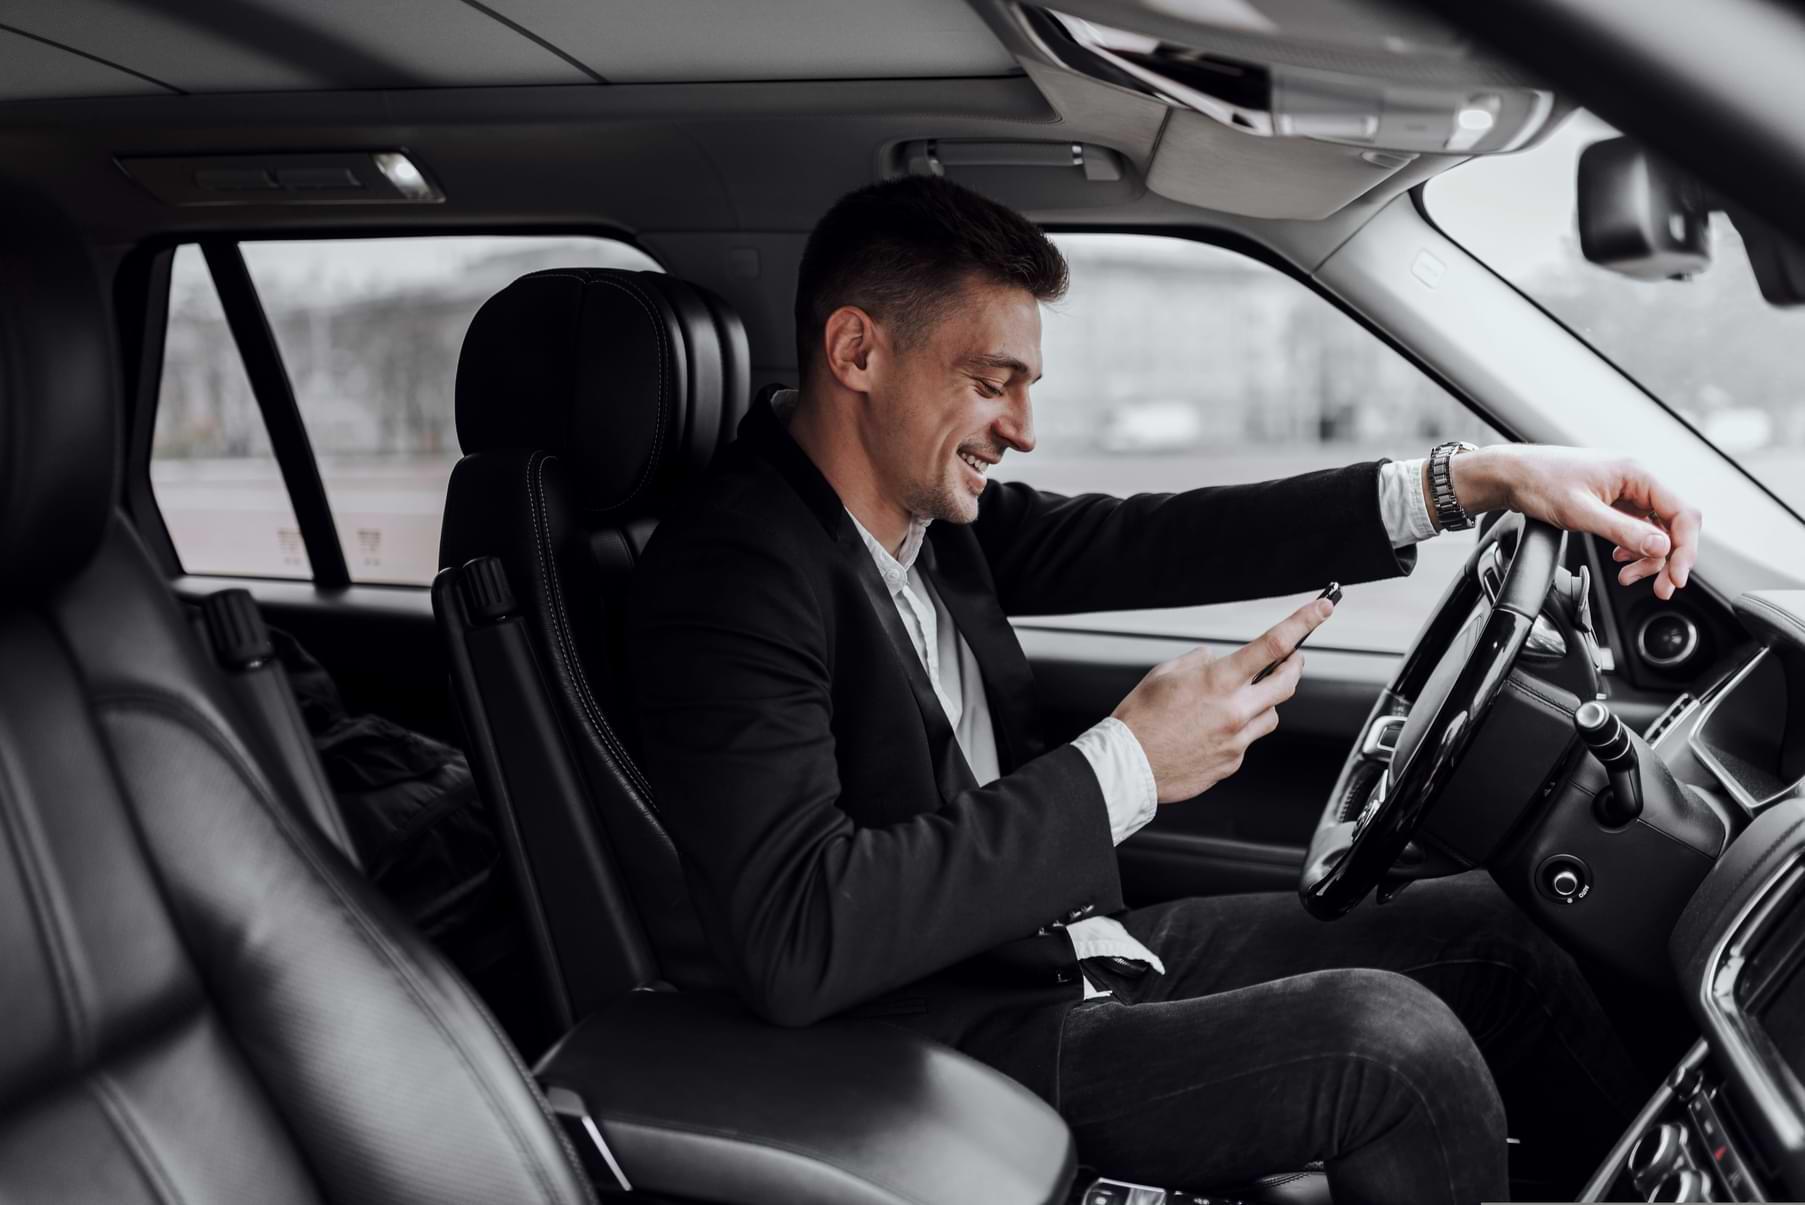 licencia de conducir en tu celular